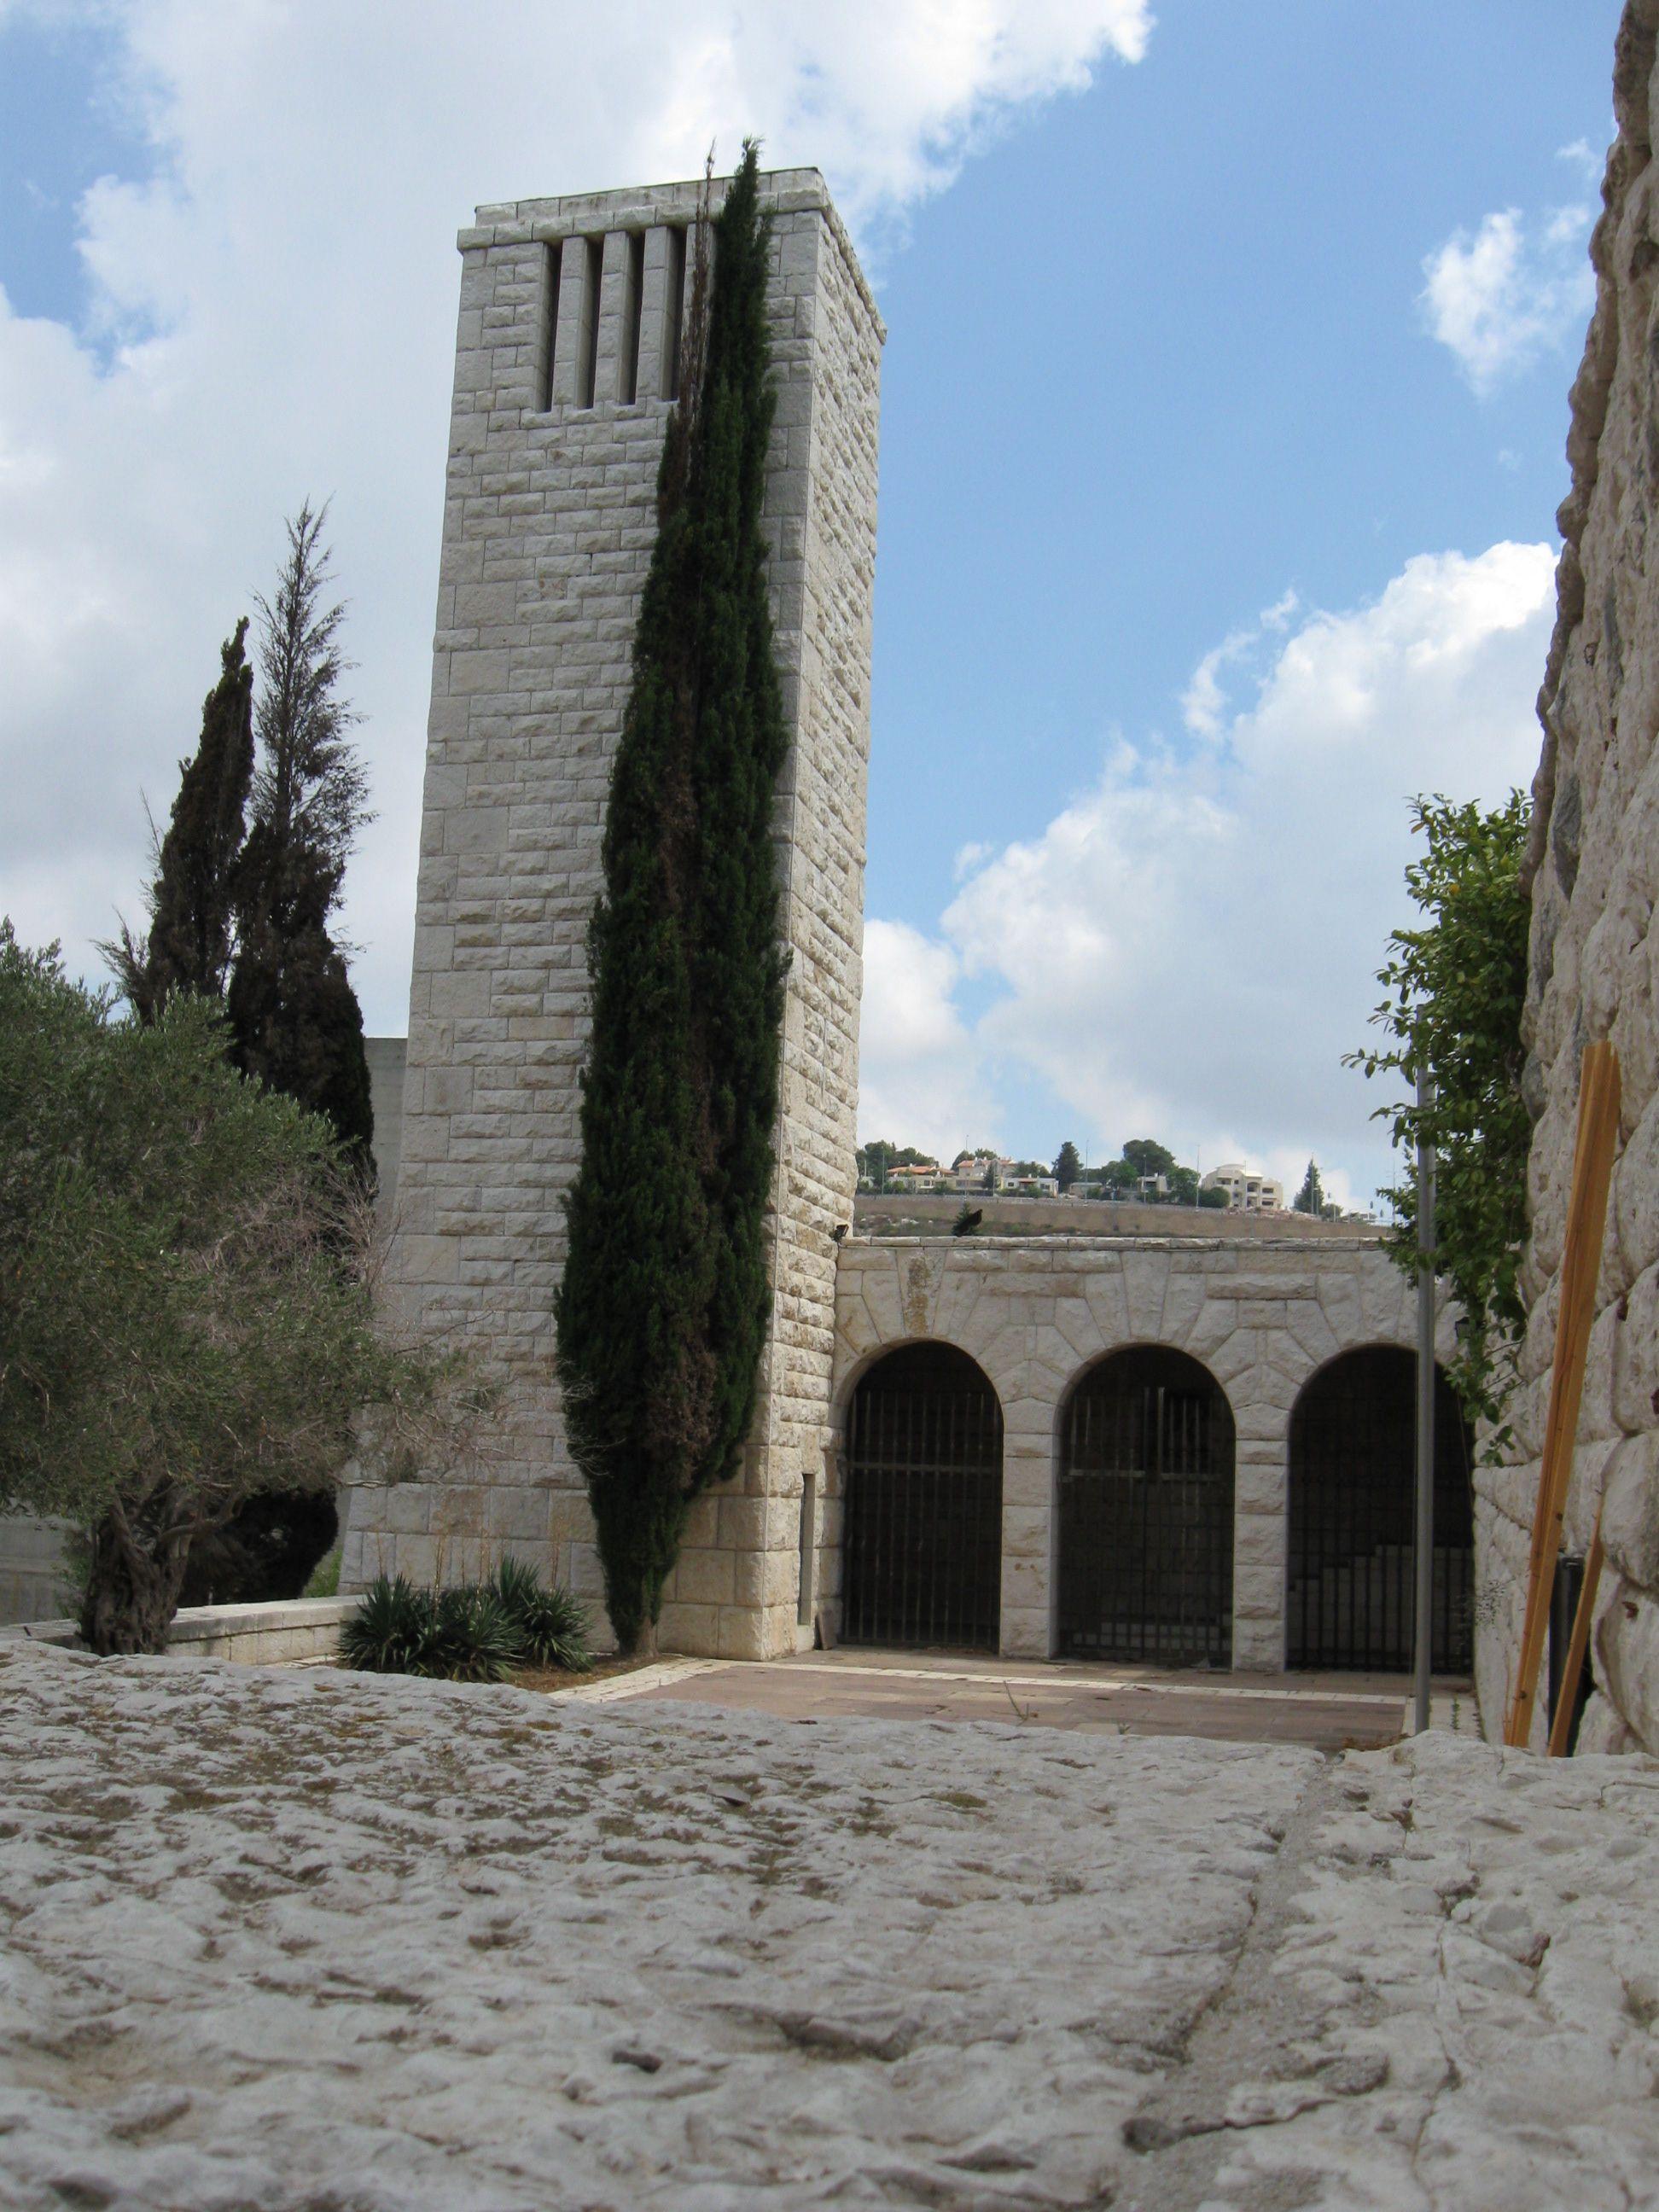 בית הקברות לחיילים הגרמנים בנצרת